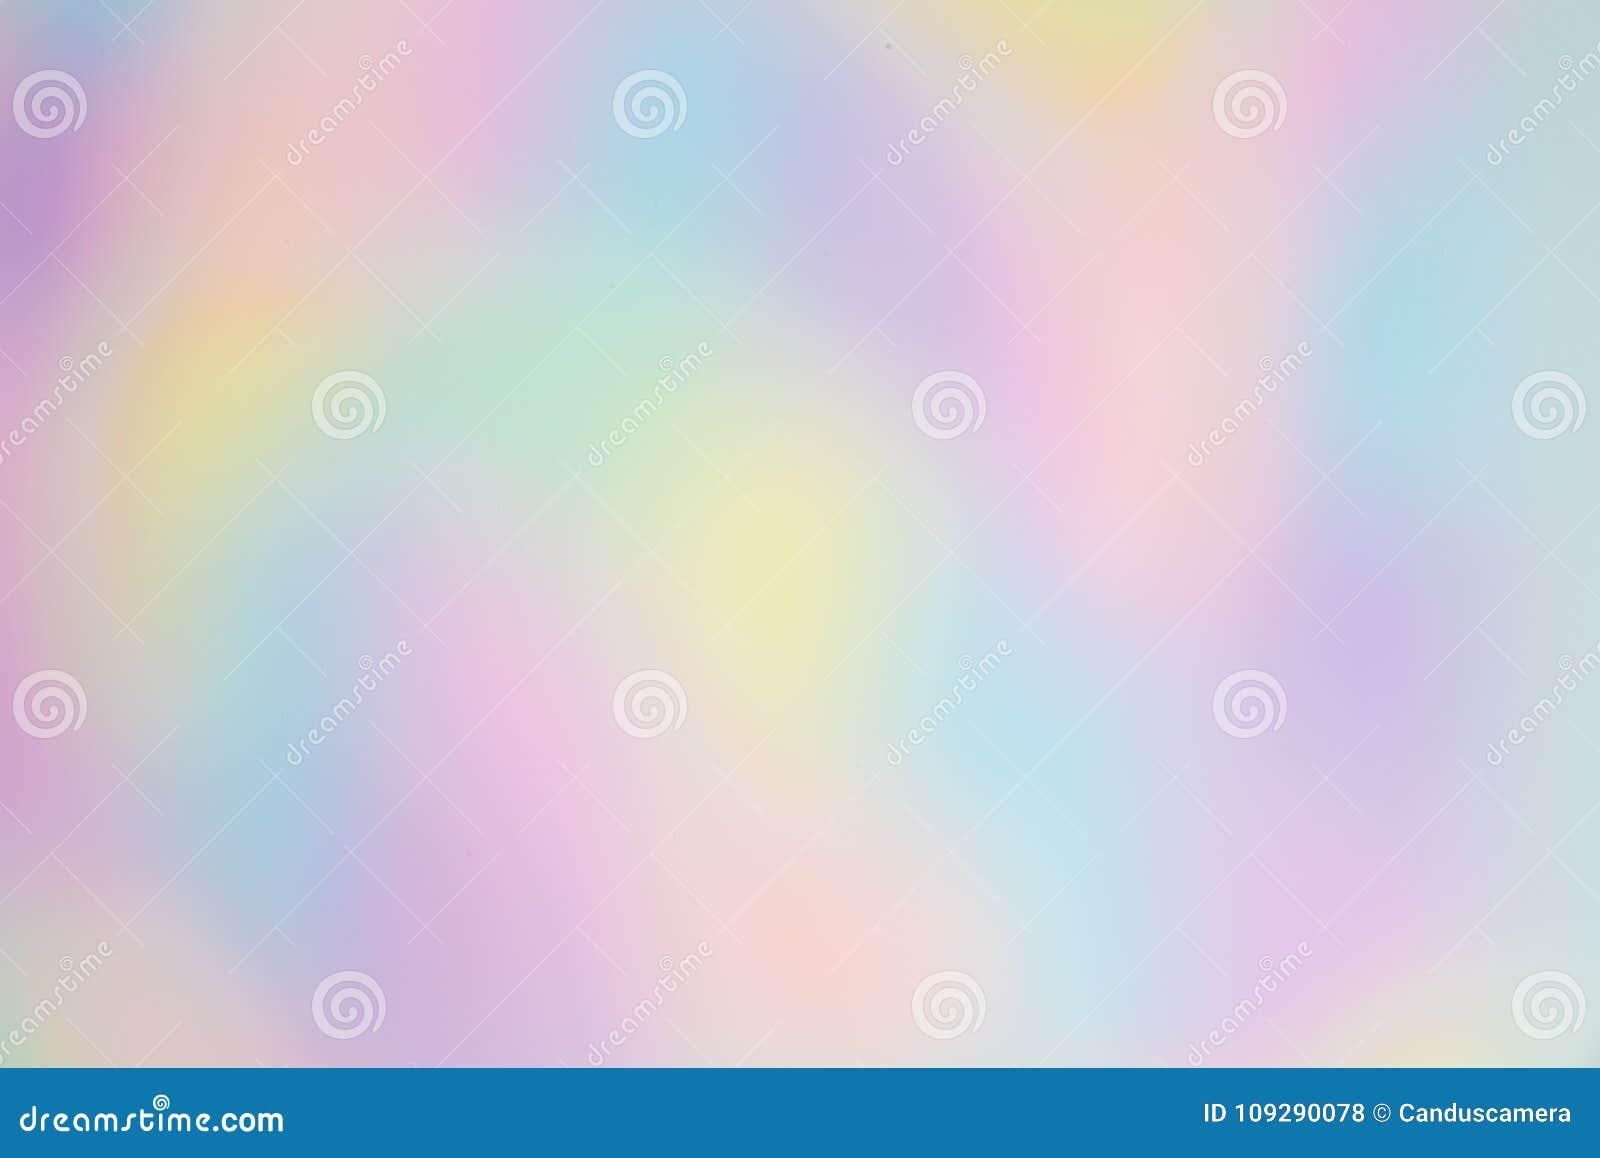 Arco iris borroso y bonito o fondo coloreado multi con formas orgánicas, Libre-formadas